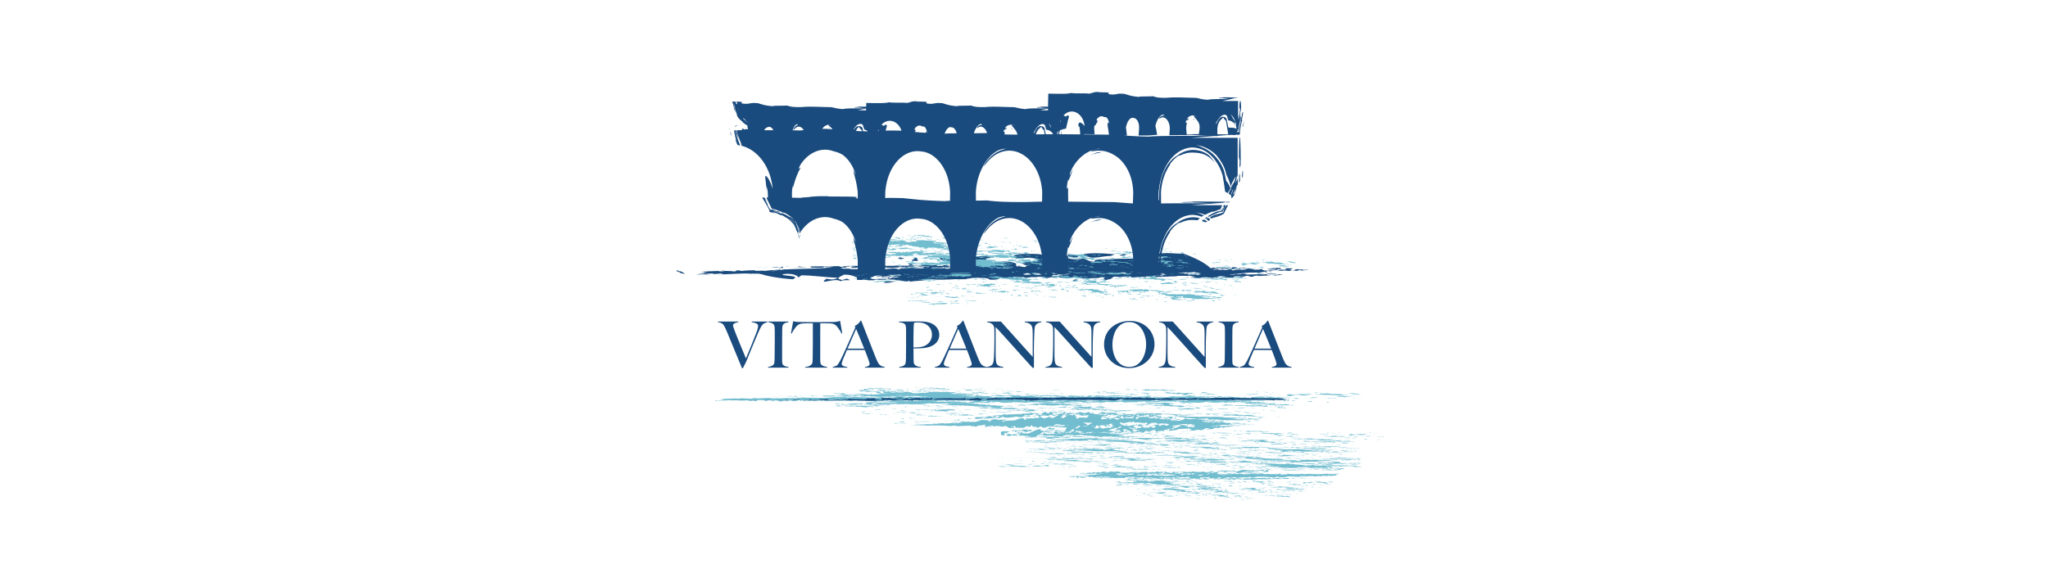 bpi-header-vita-pannonia